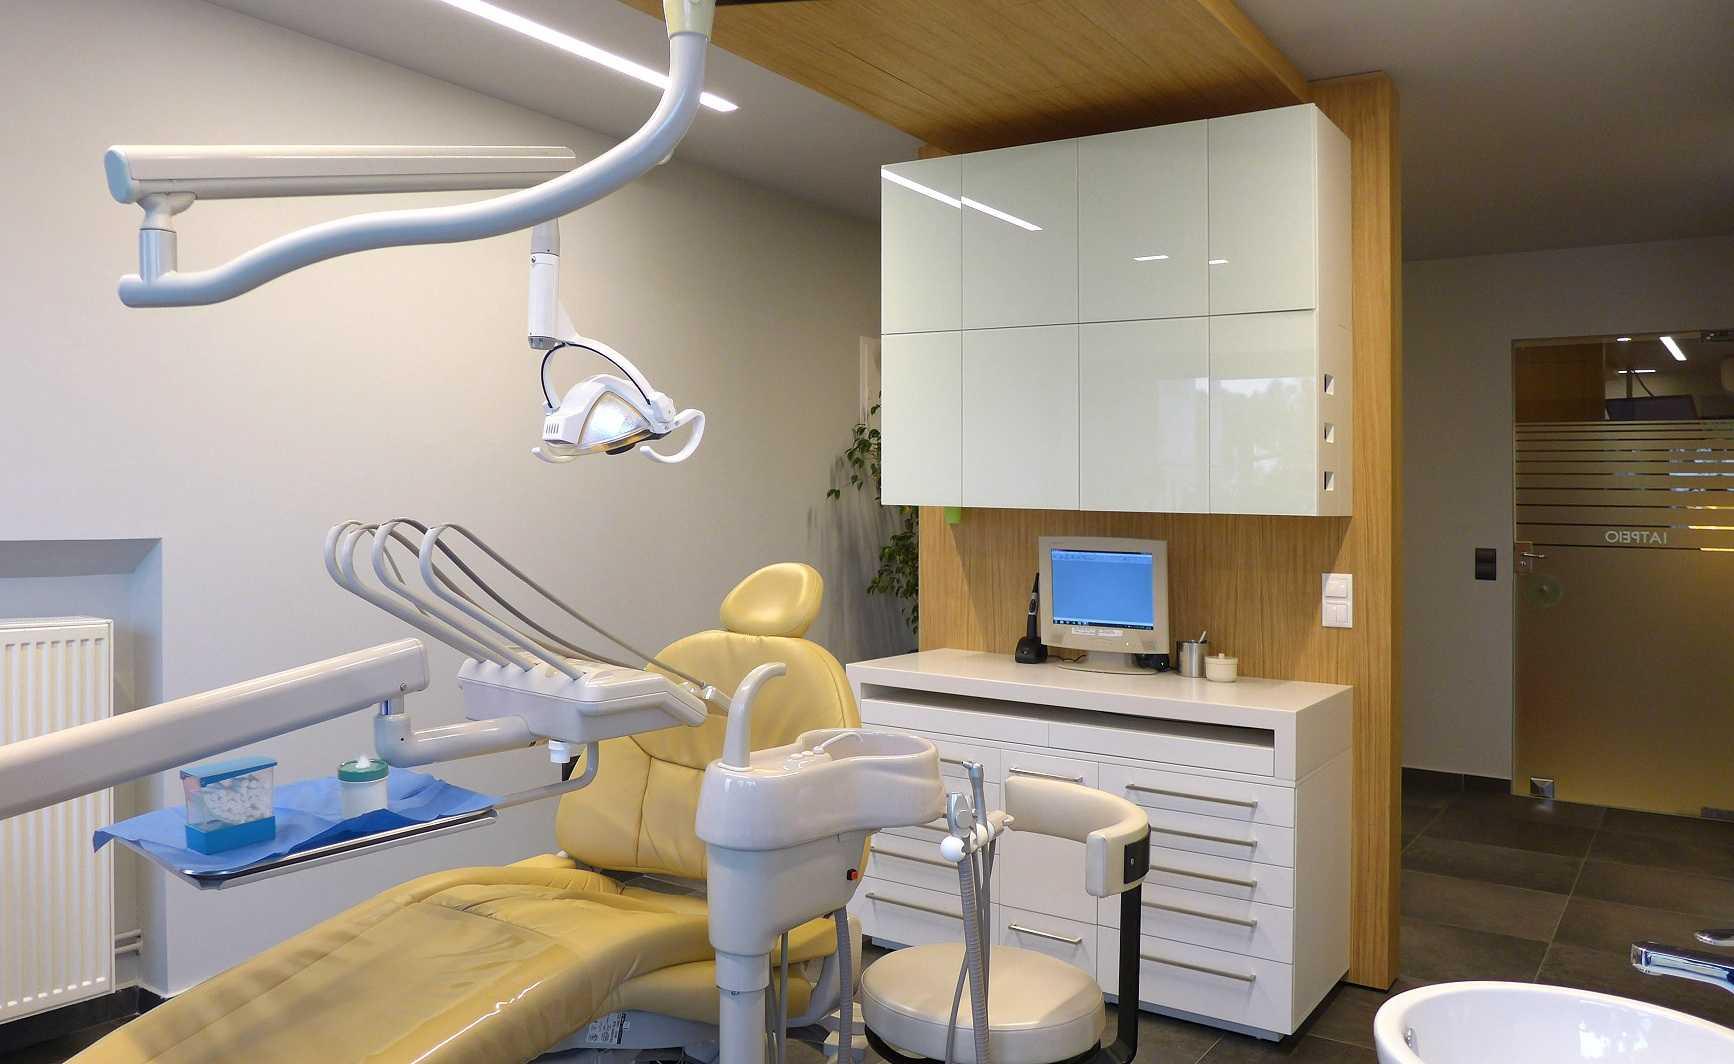 Οδοντιατρικό Κέντρο Πανοράματος. Σχεδιασμός και υλοποίηση: YFOS